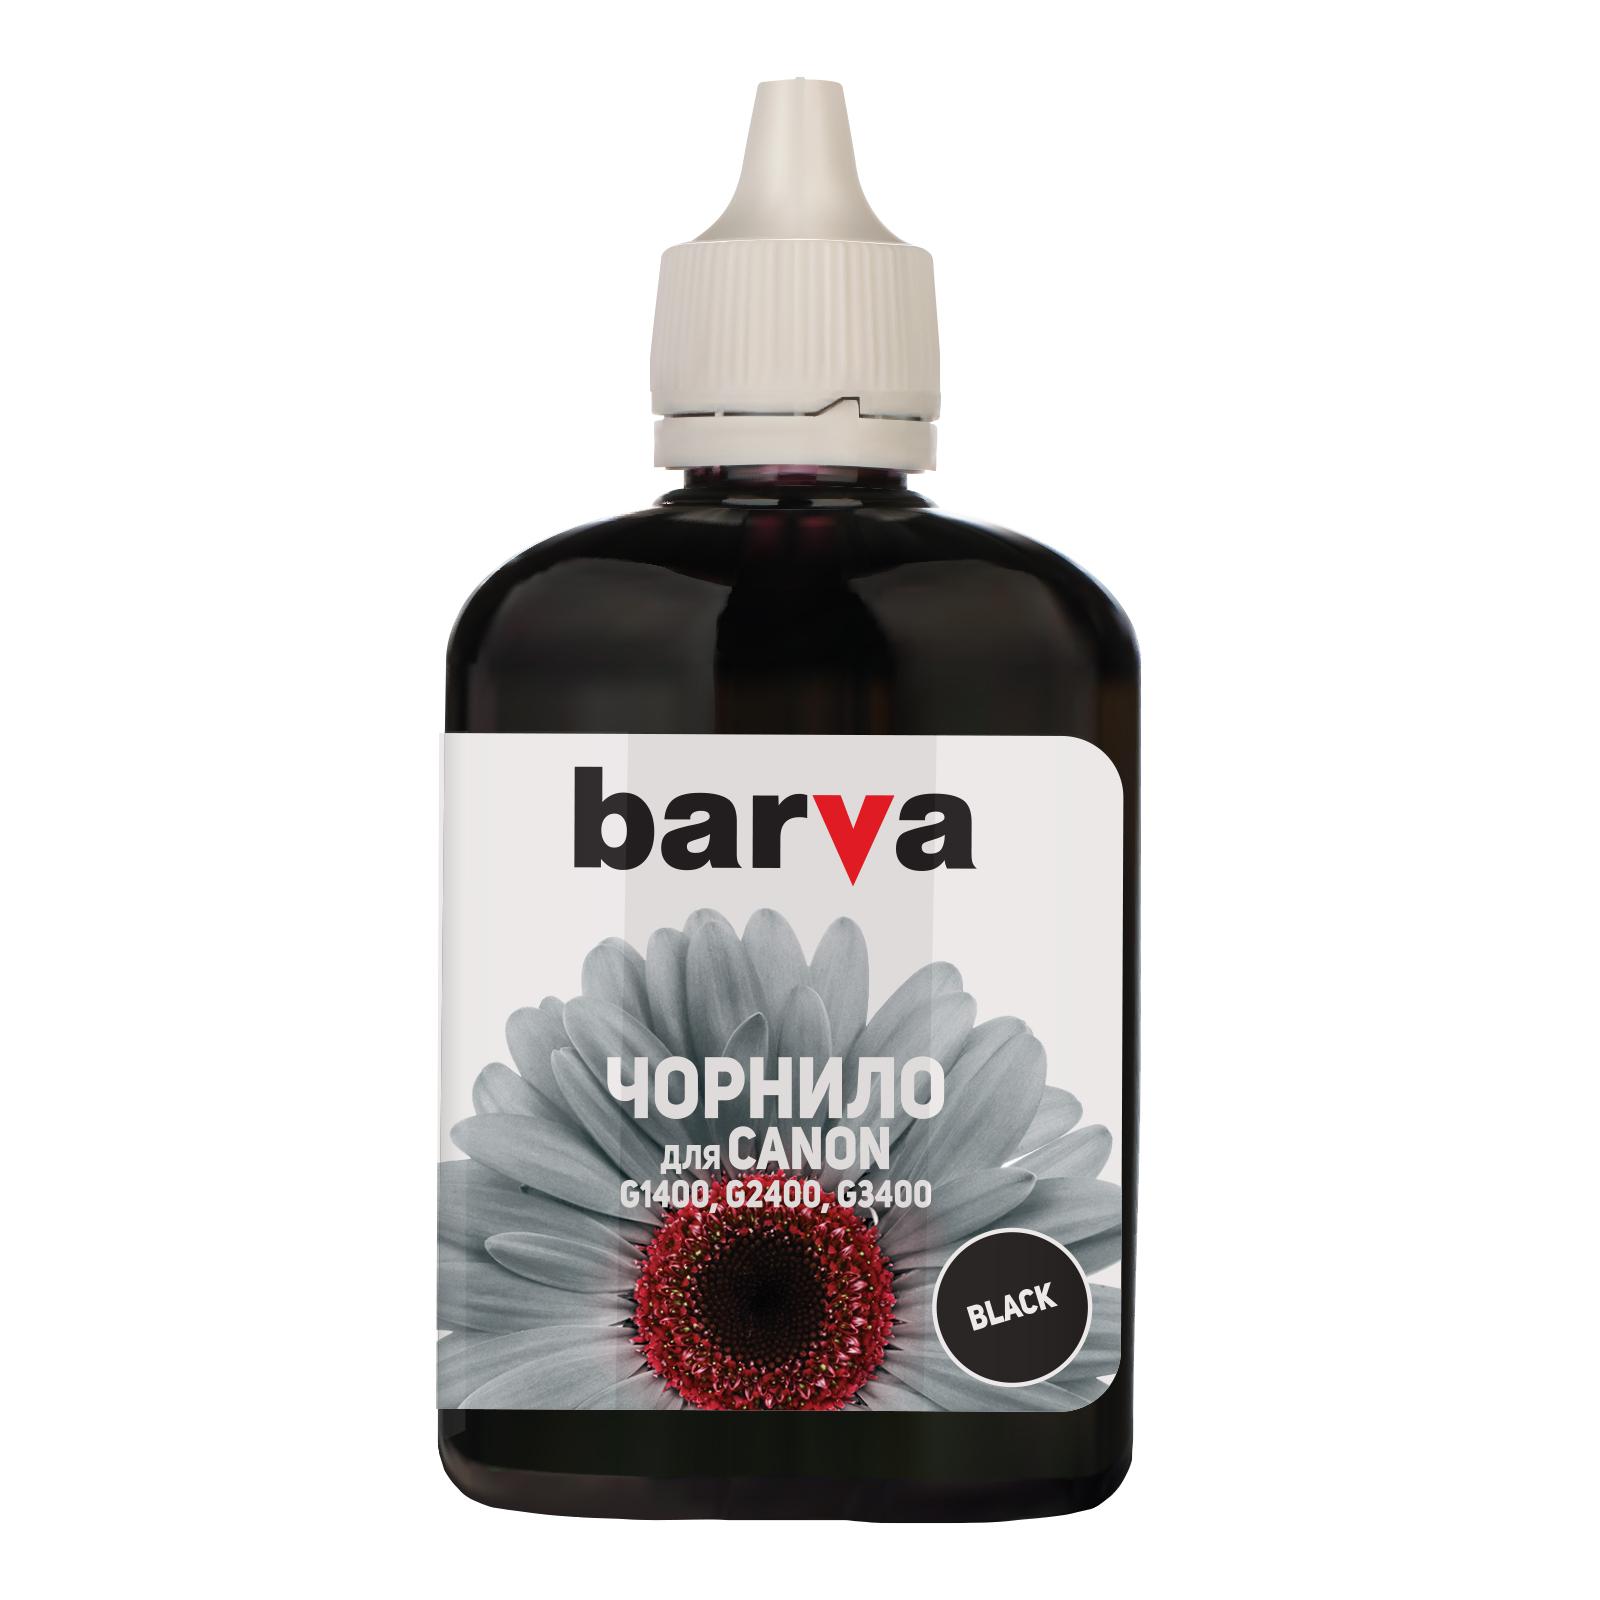 Чернила BARVA CANON GI-490 90г BLACK Pigmented (G490-507)